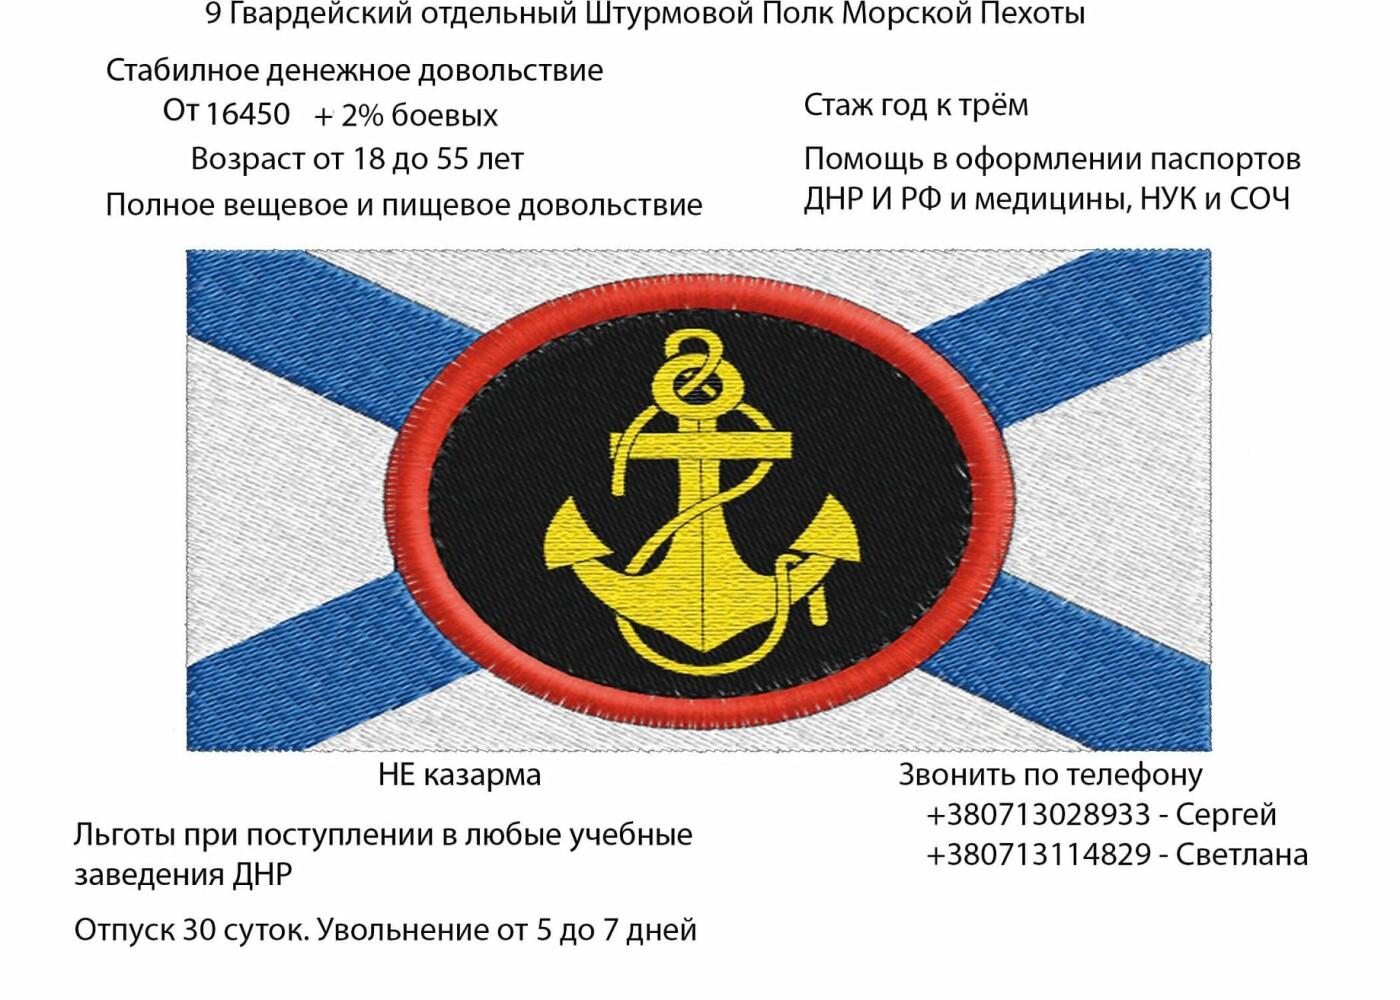 Как заманивают на военную службу в ОРДЛО: сравнение зарплат ВСУ и регулярной армии ВС РФ, фото-1